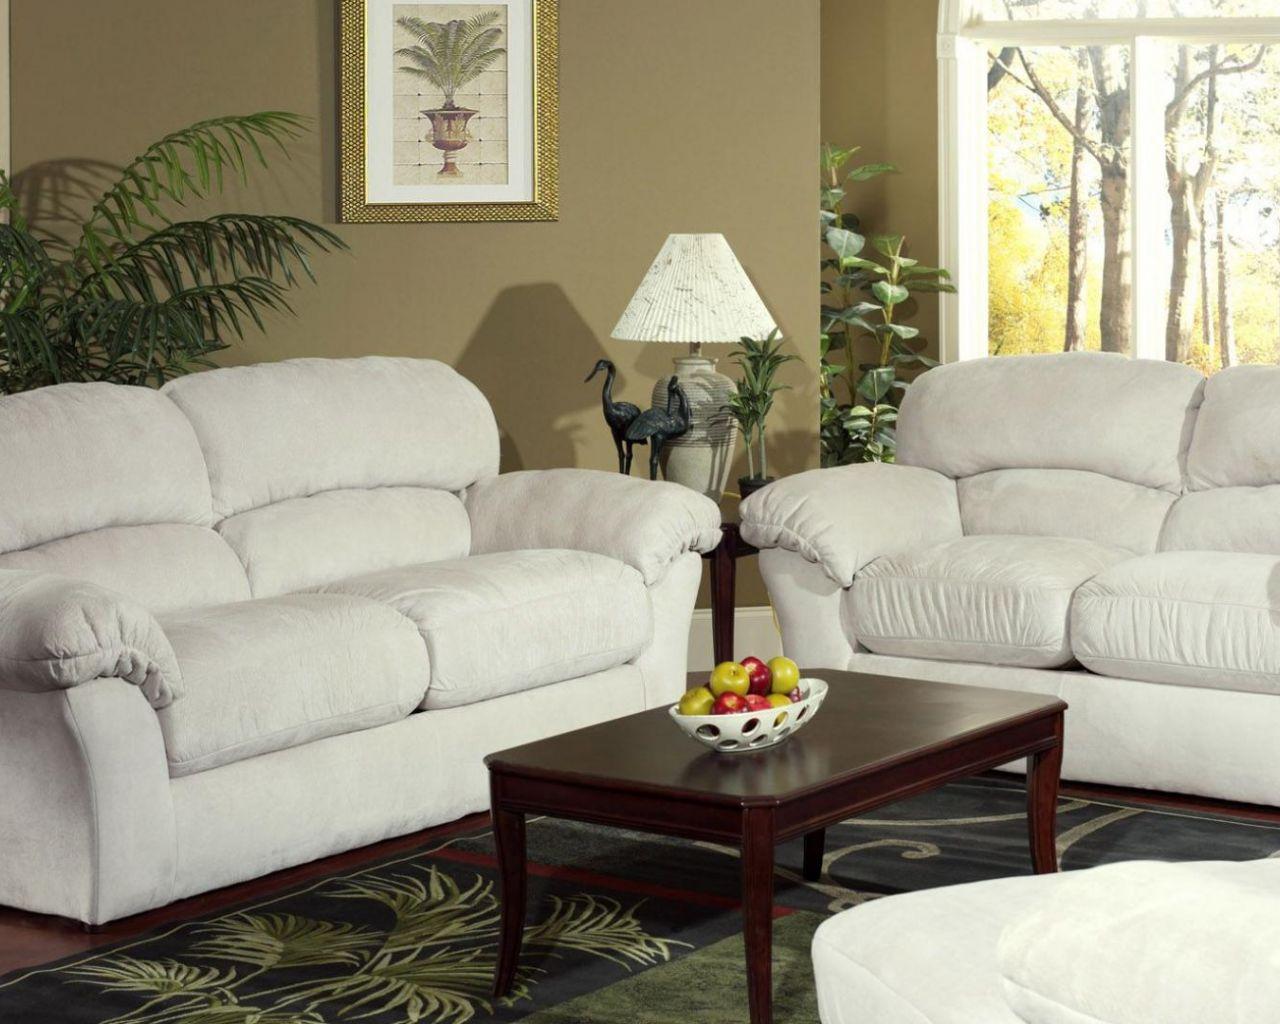 100 Royal Furniture Living Room Sets Living Room Royal Leather Living Room Set Creative Dorm